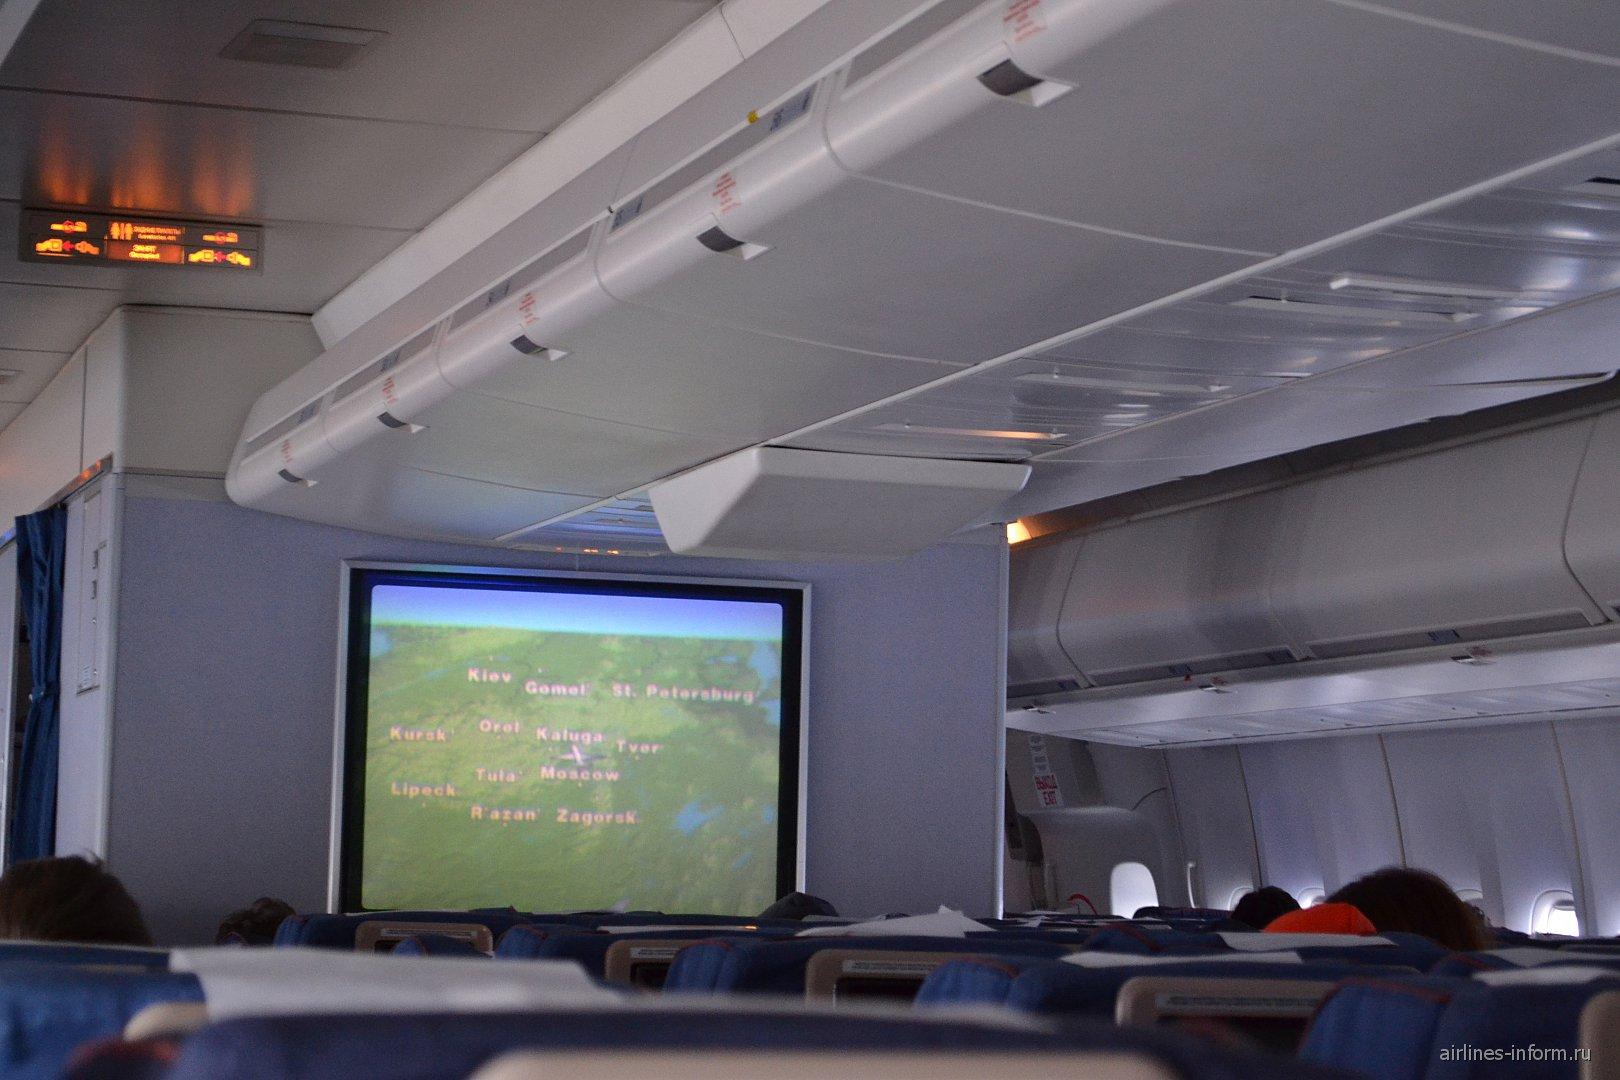 """Проектор в самолете Боинг-747-400 авиакомпании """"Трансаэро"""""""